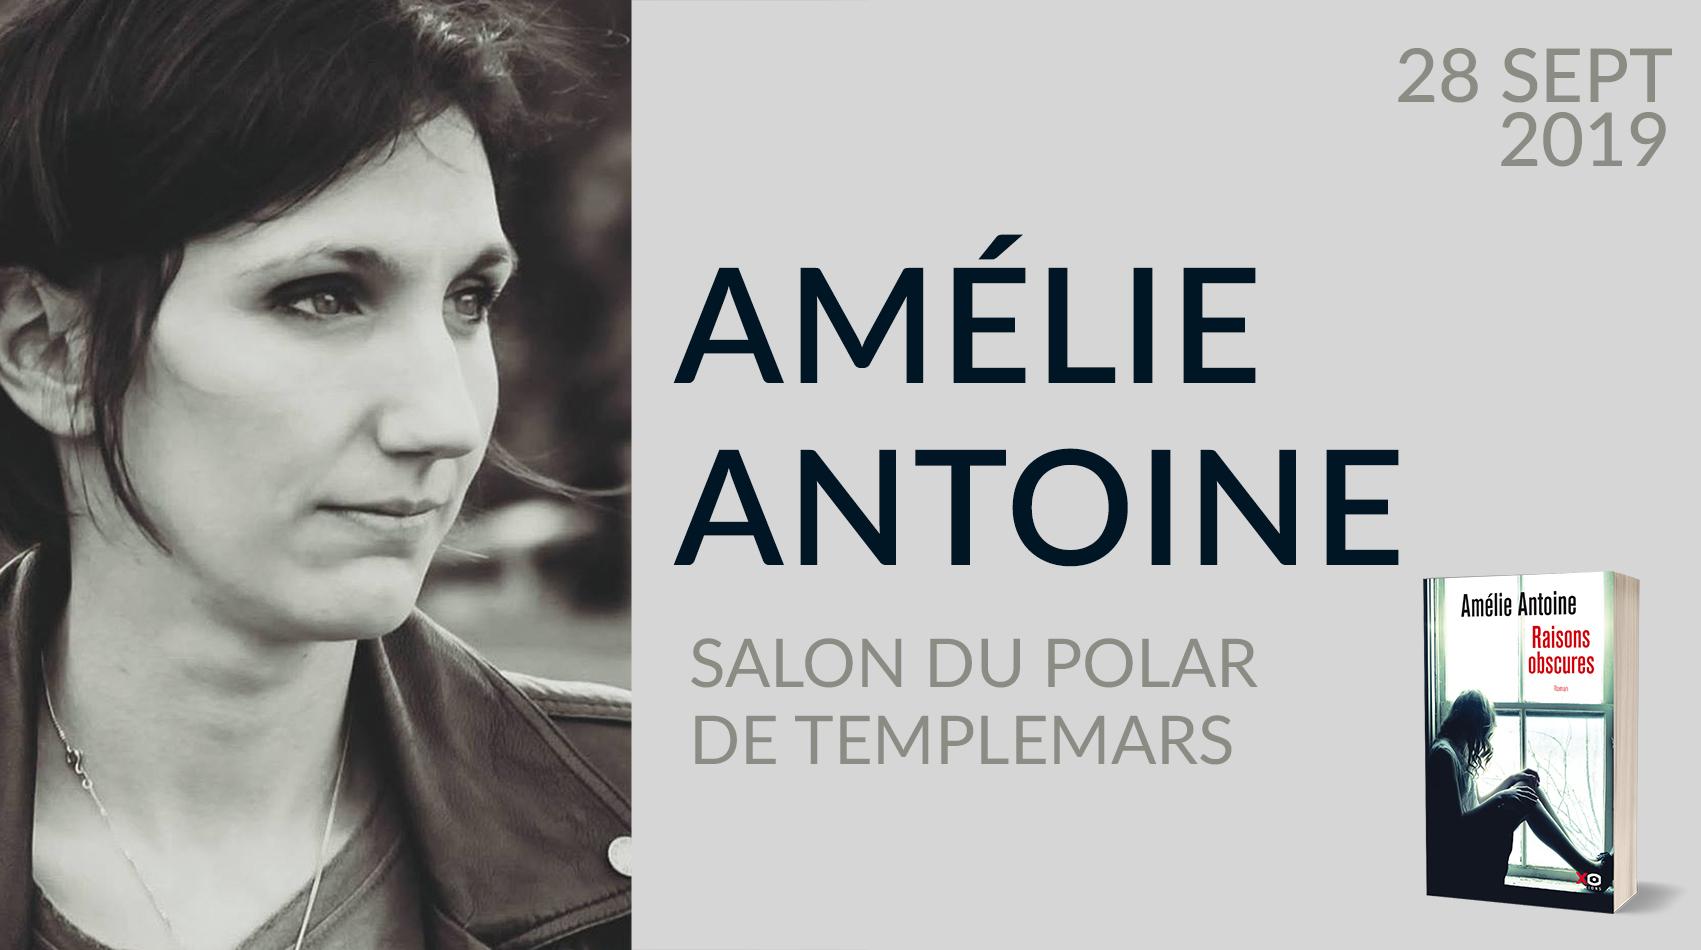 Amélie Antoine à Templemars